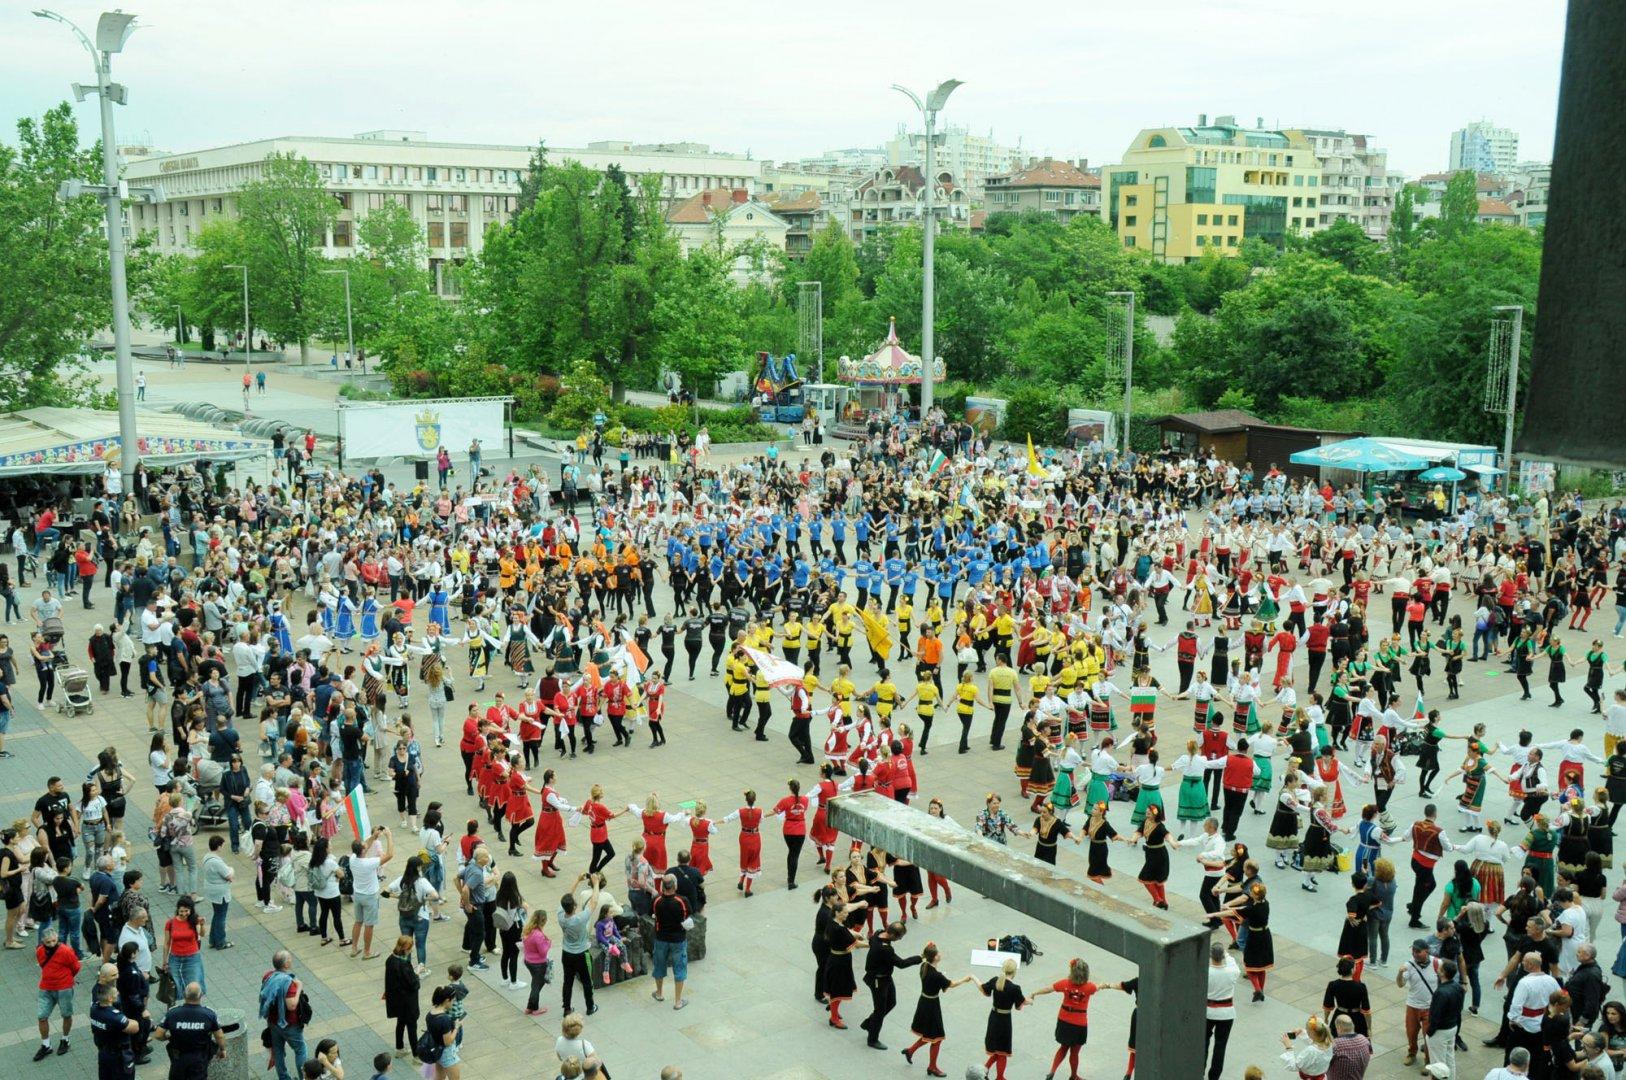 а шести път Бургас бе домакин на Хоро край лазурния бпряг. Над 700 танцьори от 28 фолклорни състави от цялата страна се надиграваха и показаха красотата на българския фолклор. Снимки Черноморие -бг